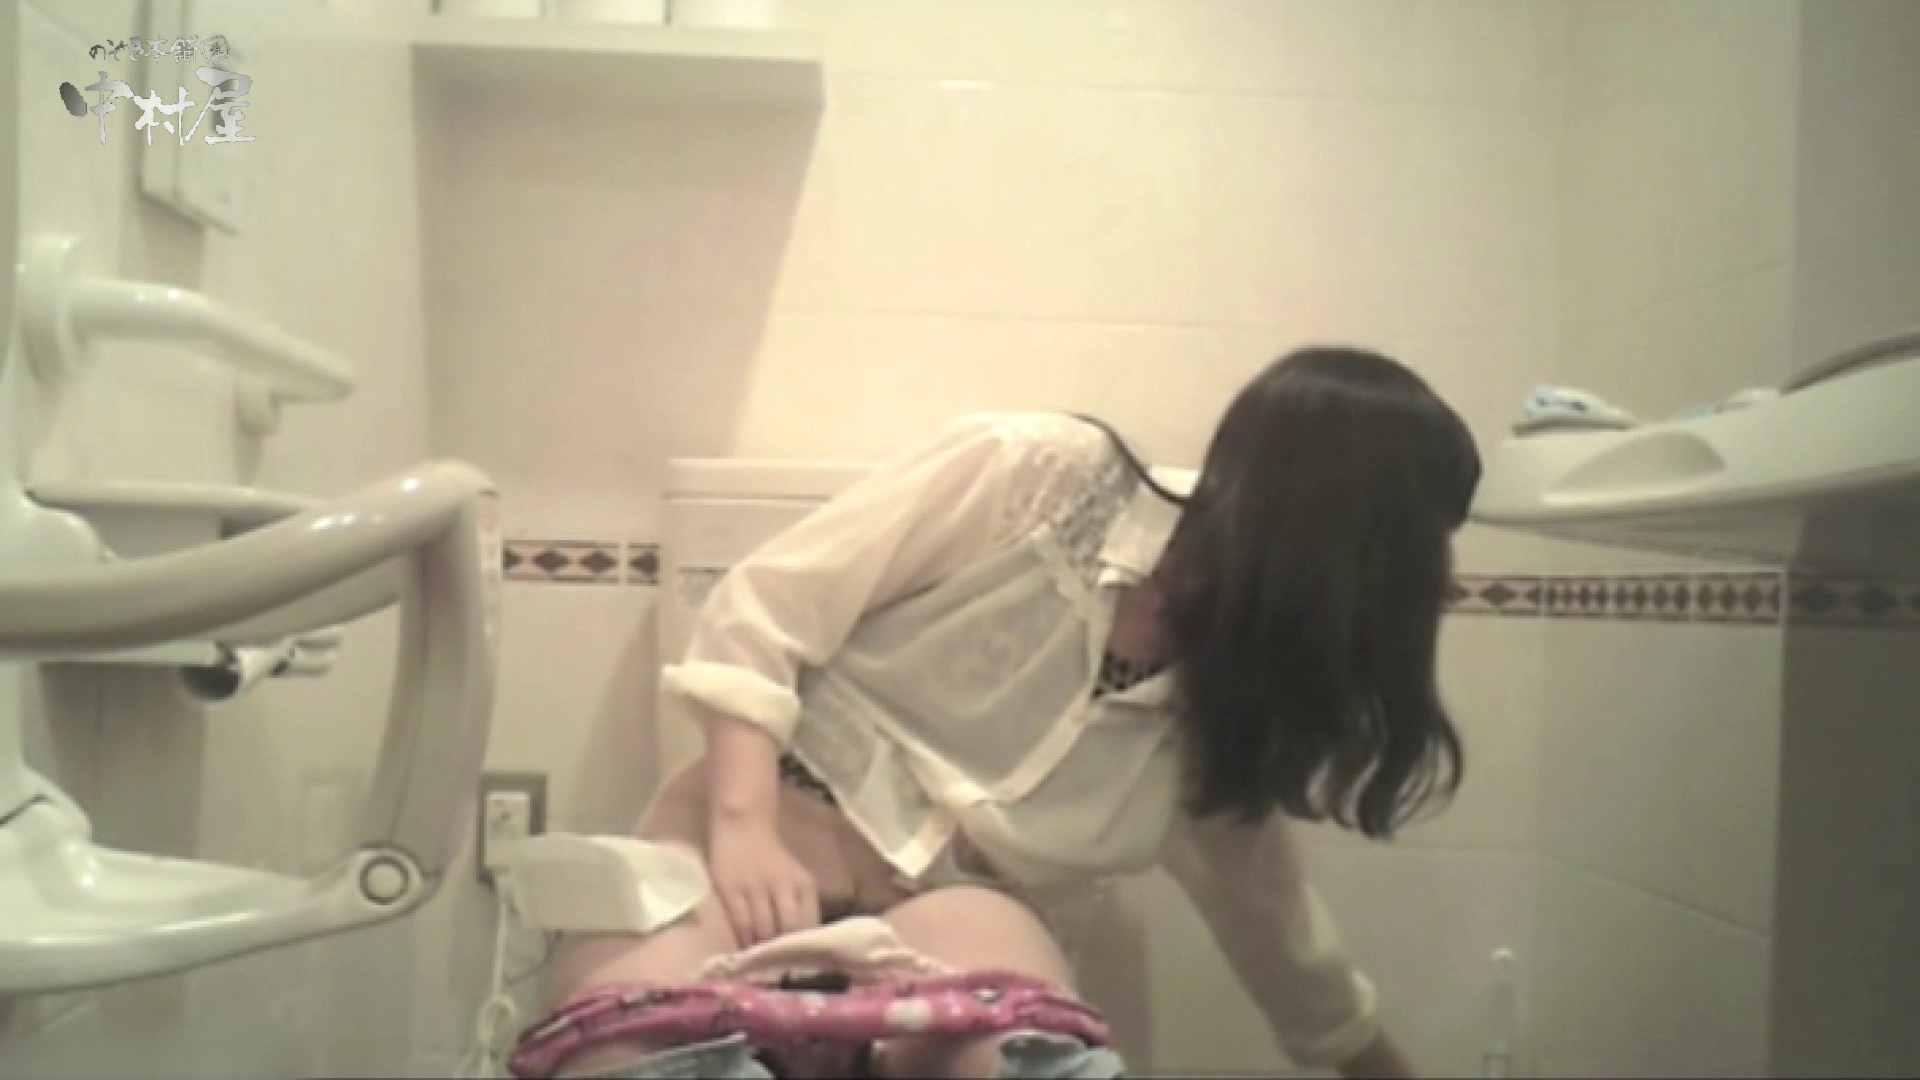 ティーンガールのトイレ覗き‼vol.19 女子大生のエロ動画 オメコ無修正動画無料 111PIX 46